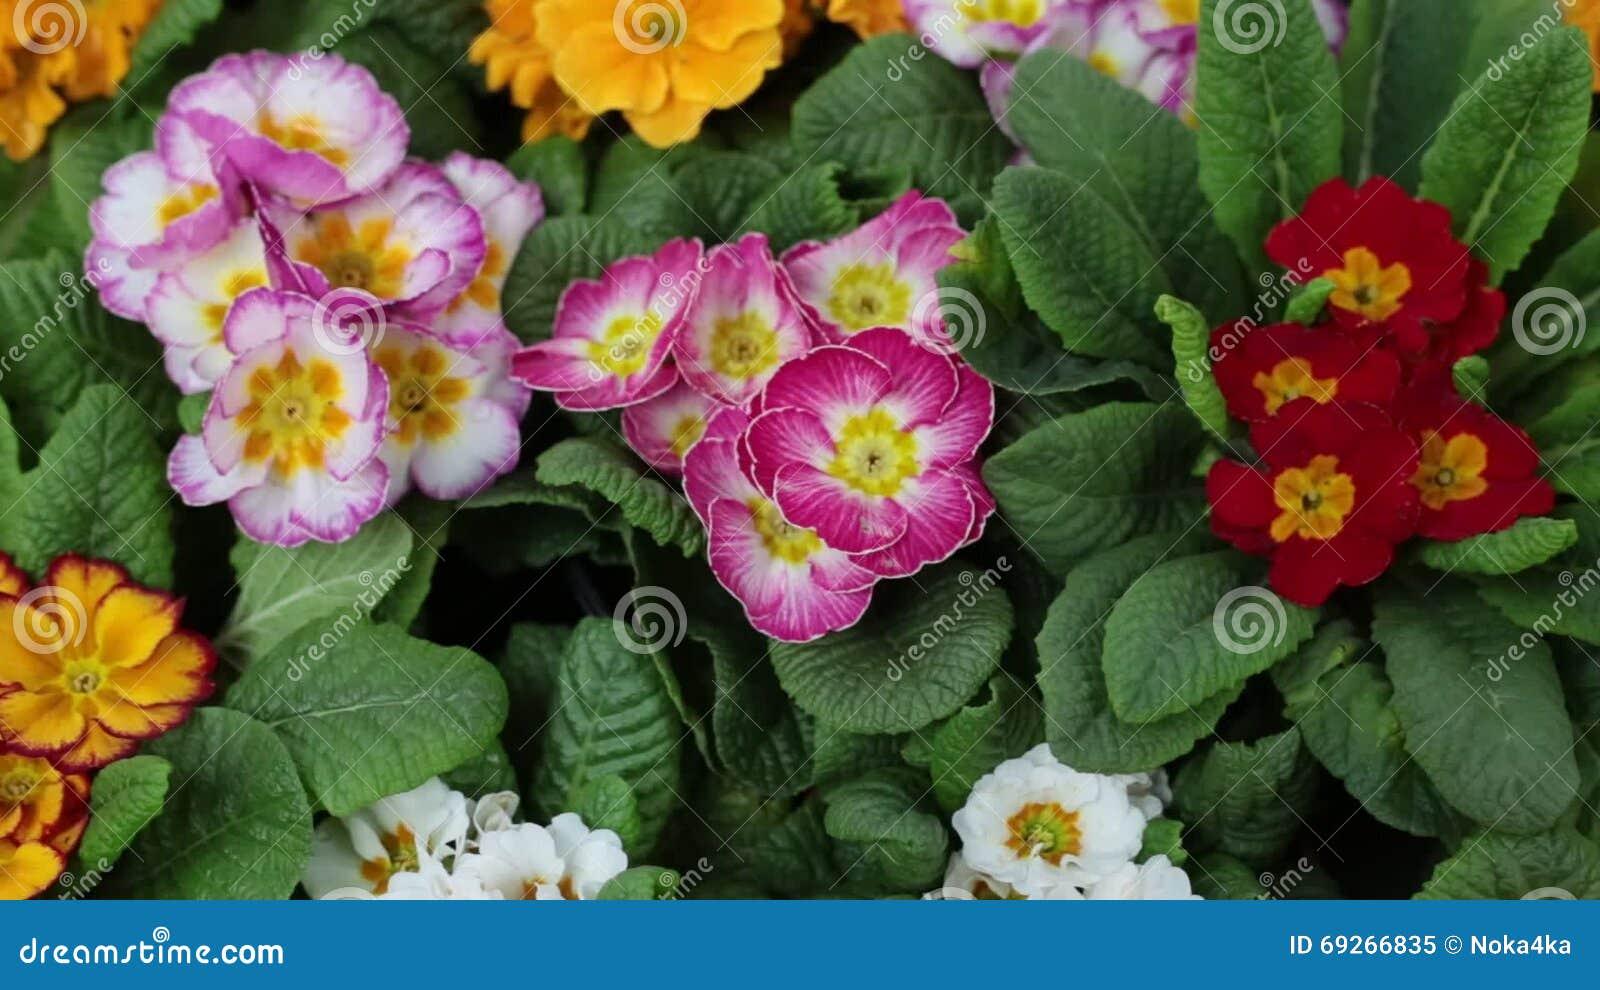 Piante da interno con fiori amazing immagine pianta - Piante da interno con fiori ...